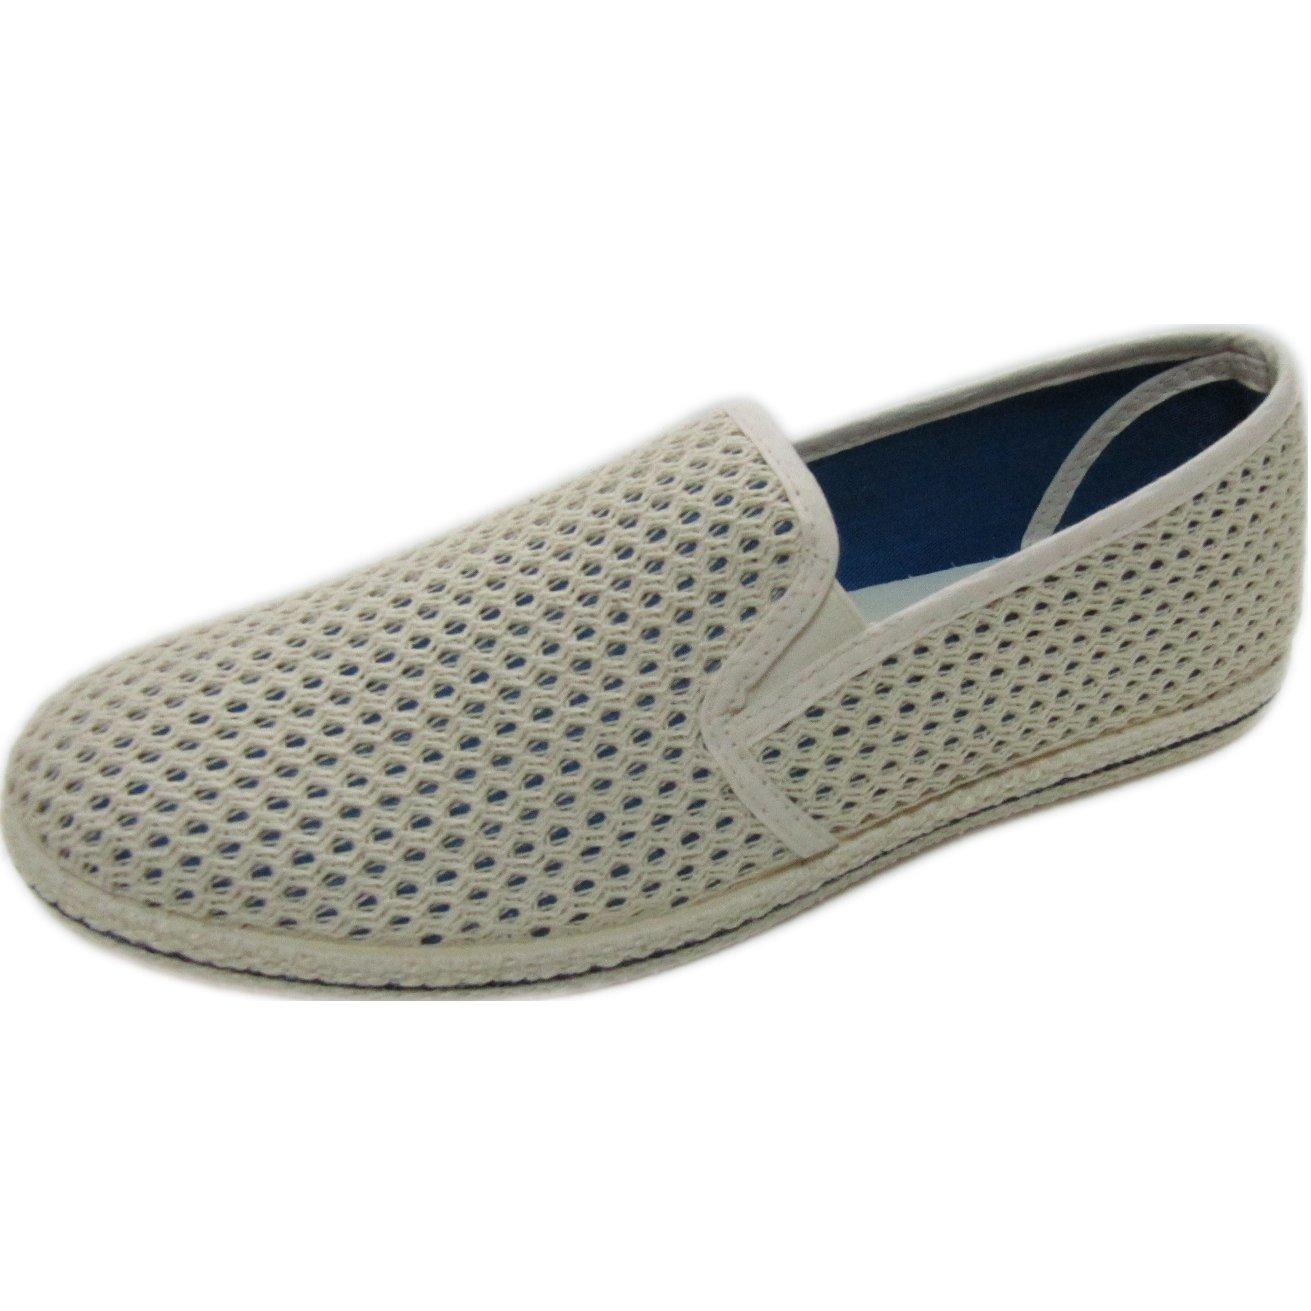 Alpargatas masculinas: Calzado de Dinamic Calzados, S.L